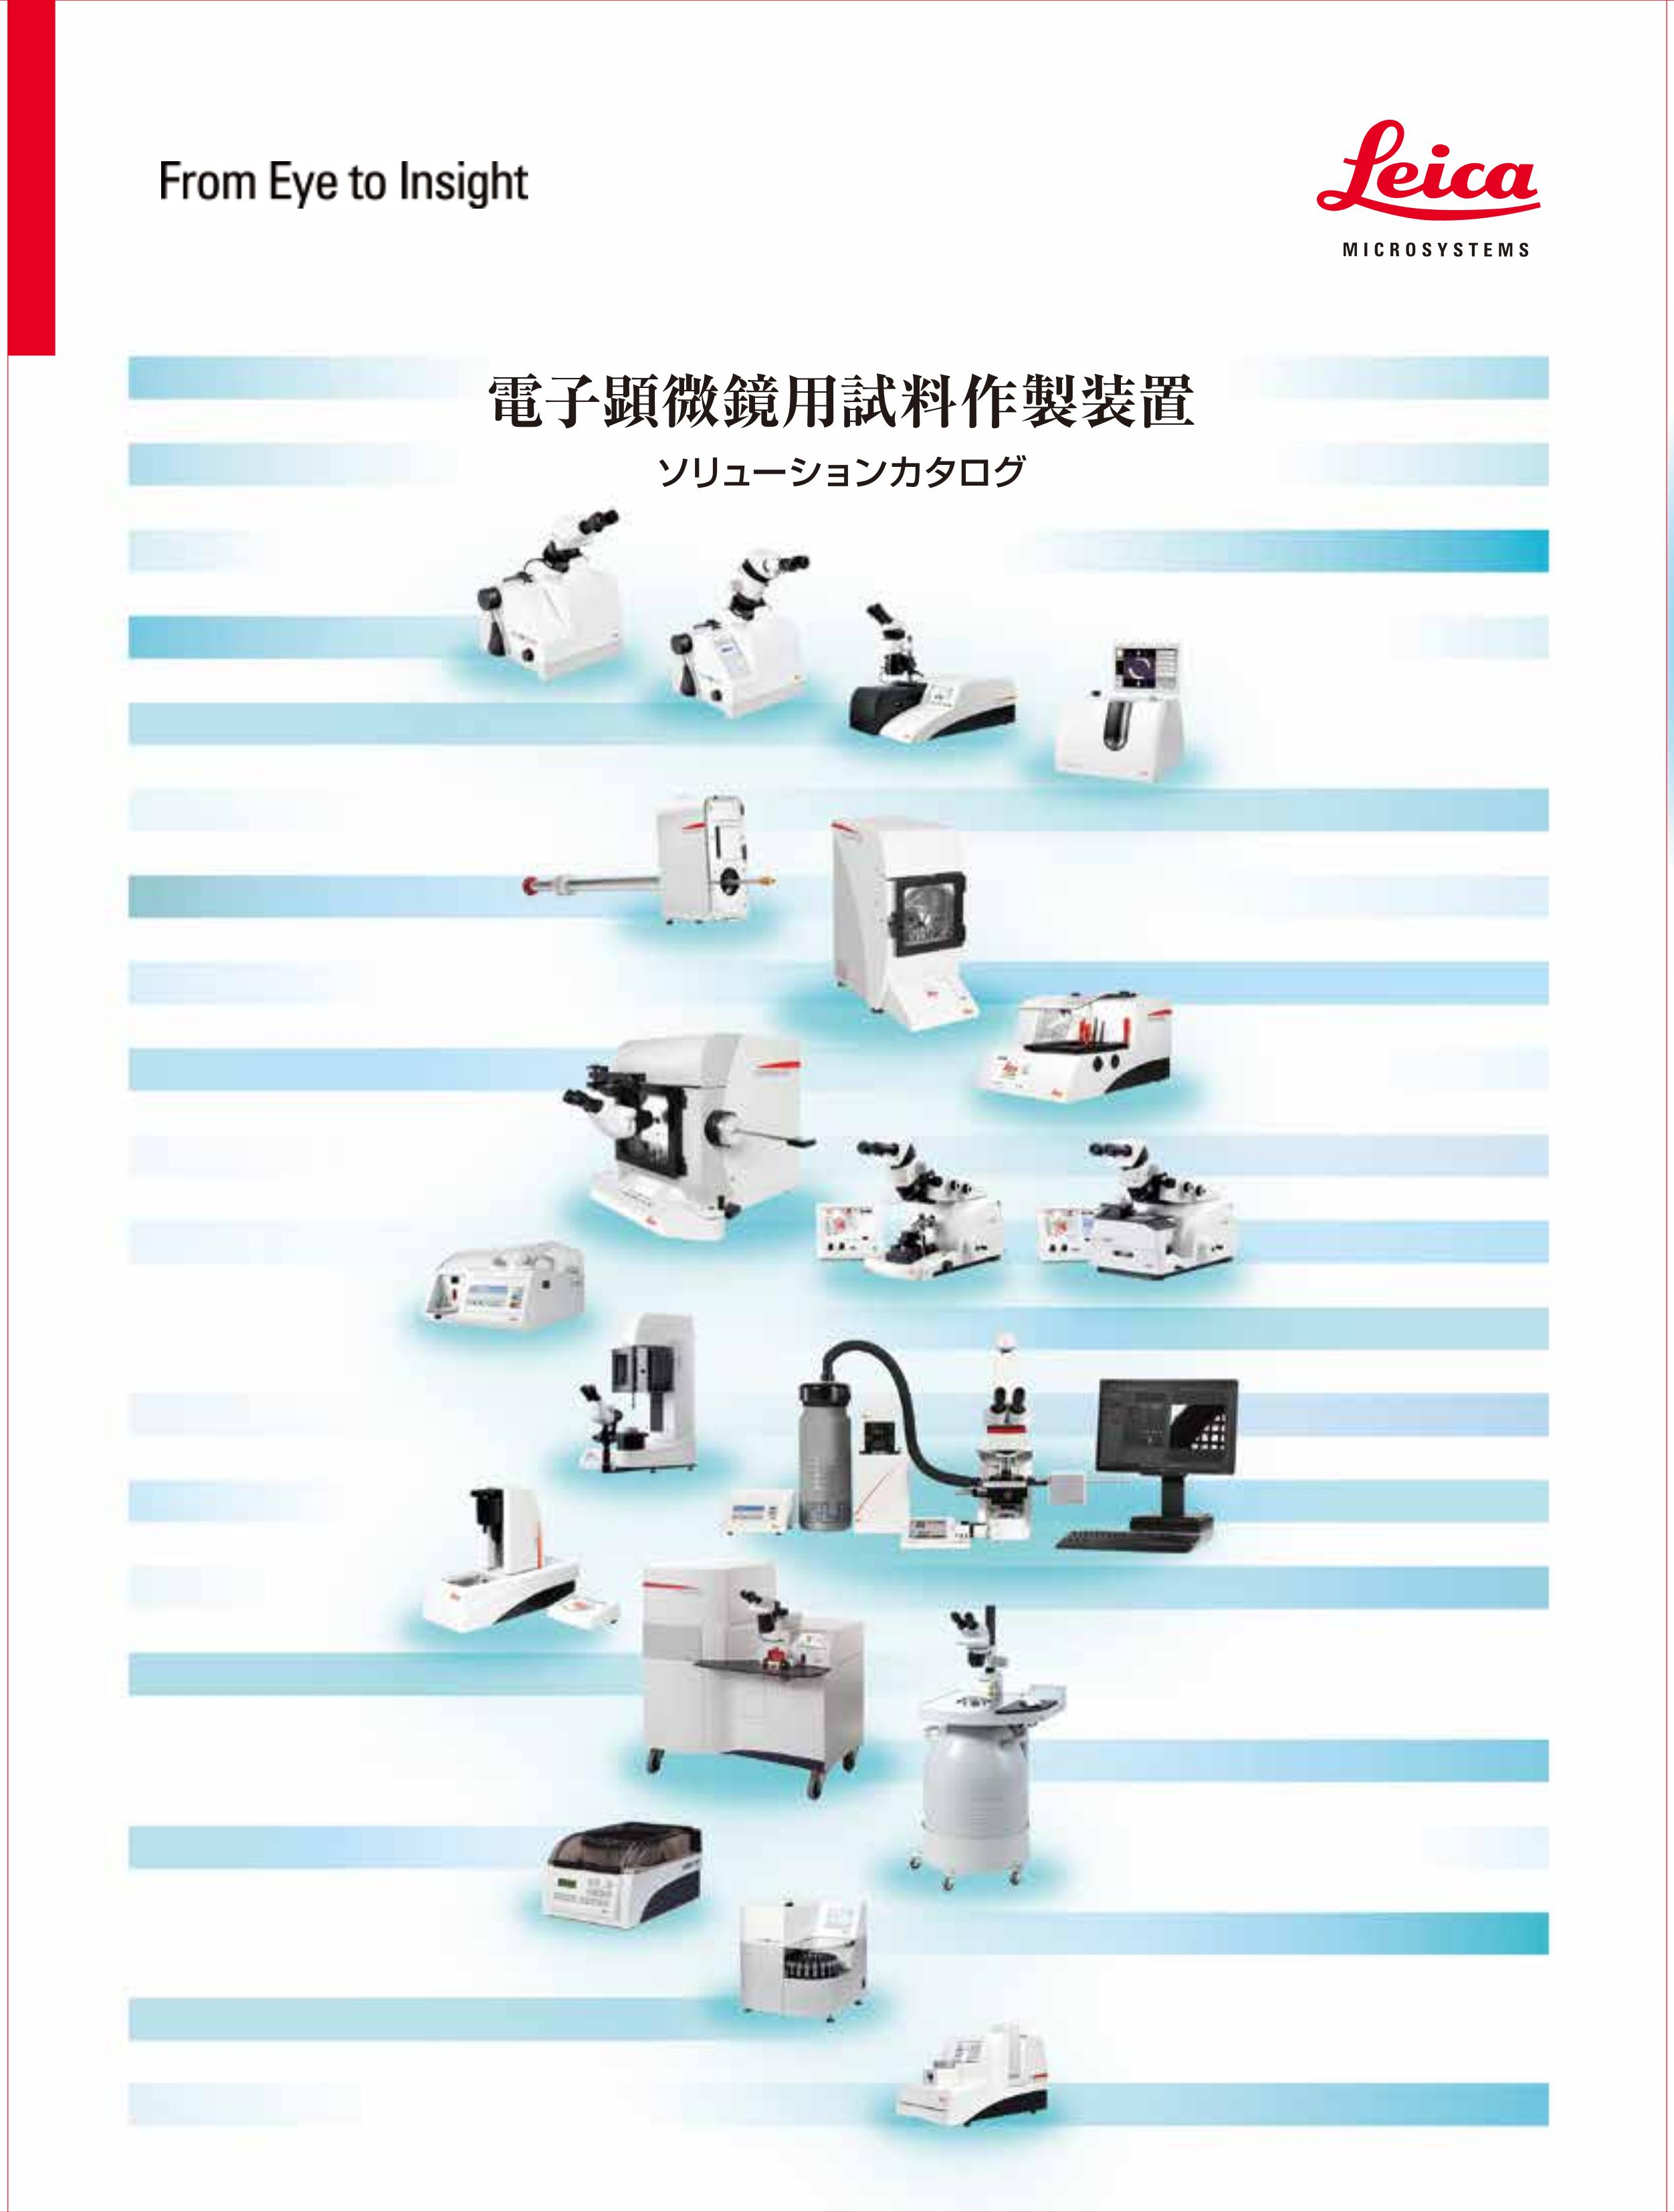 ダウンロード/電子顕微鏡用試料作製装置ソリューションカタログ